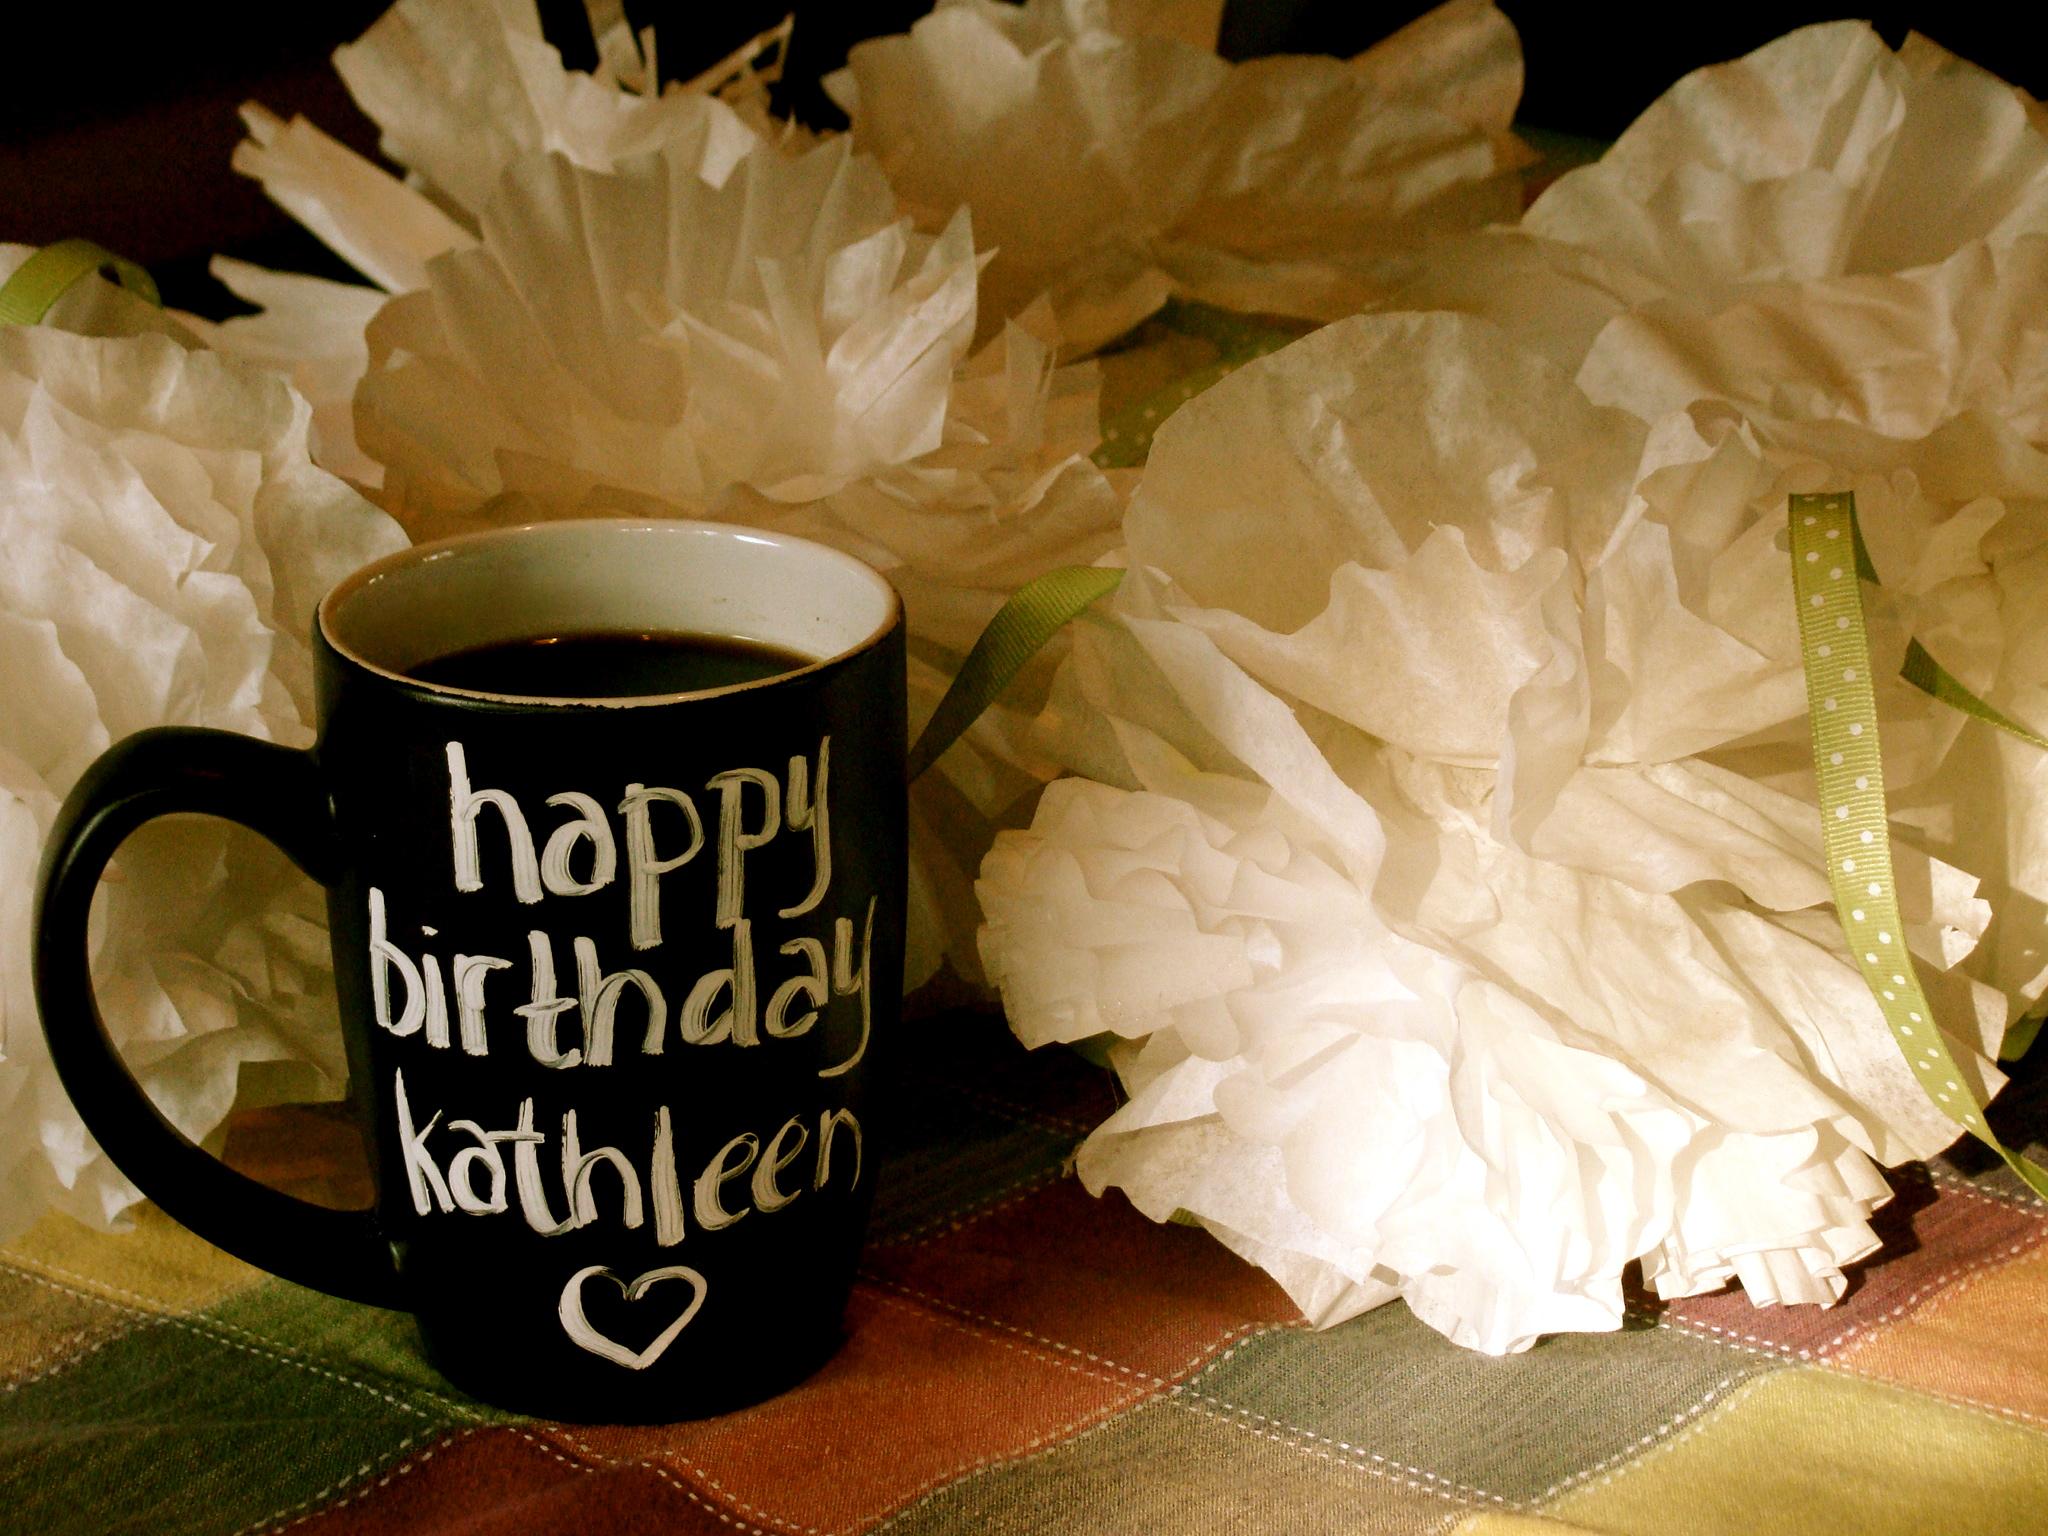 Happy Birthday Kathleen Cake